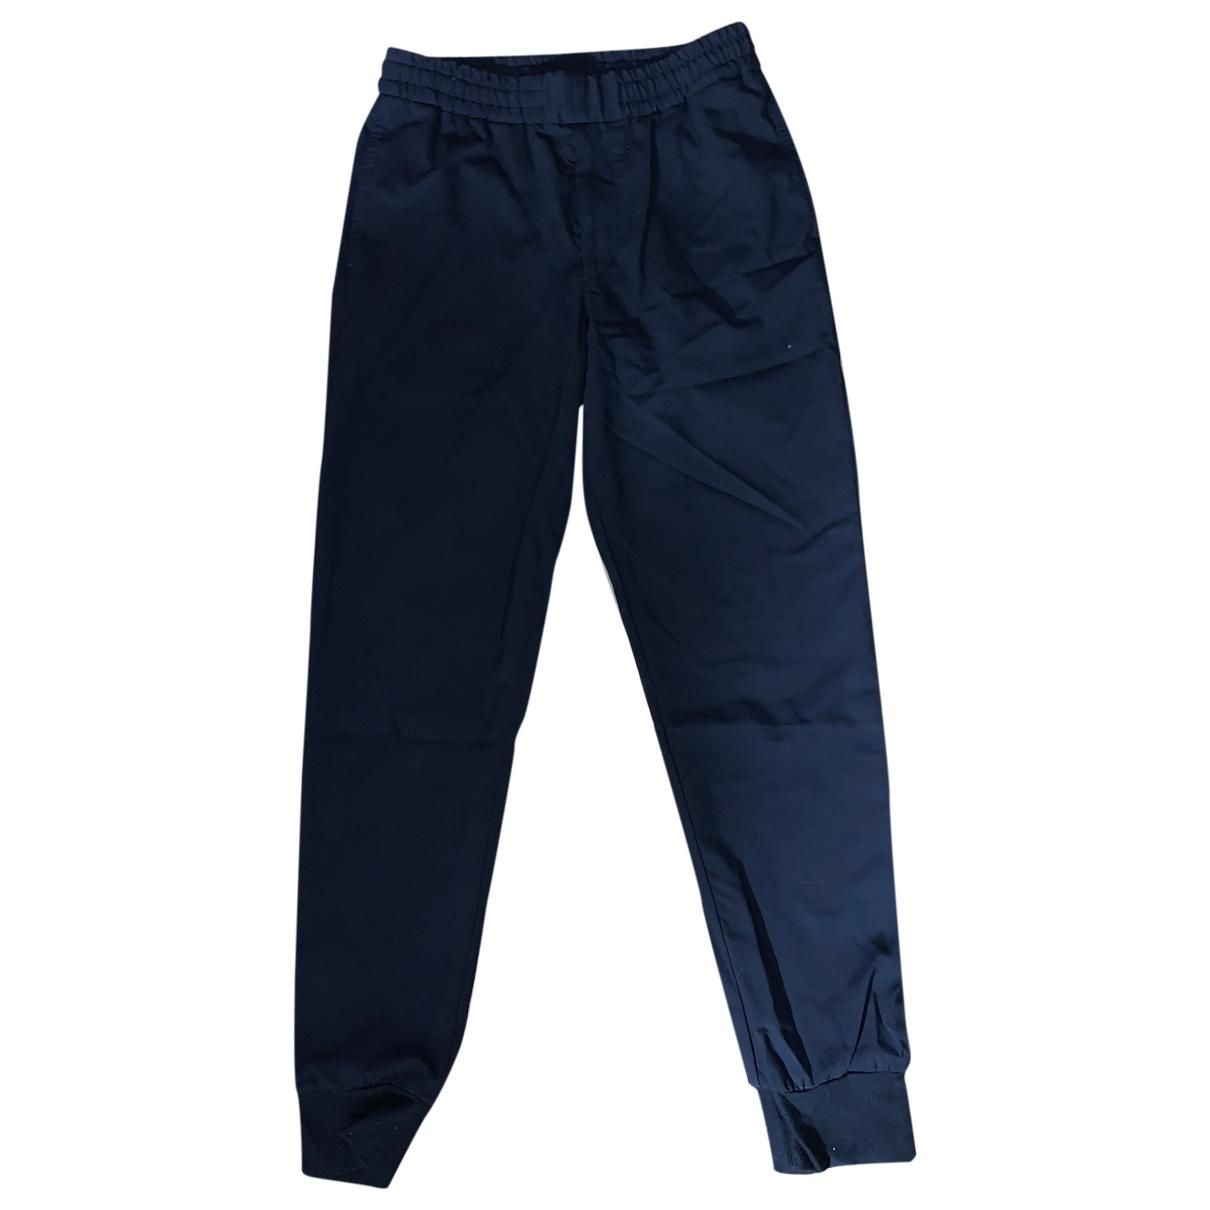 Paul Smith - Pantalon   pour homme - marine